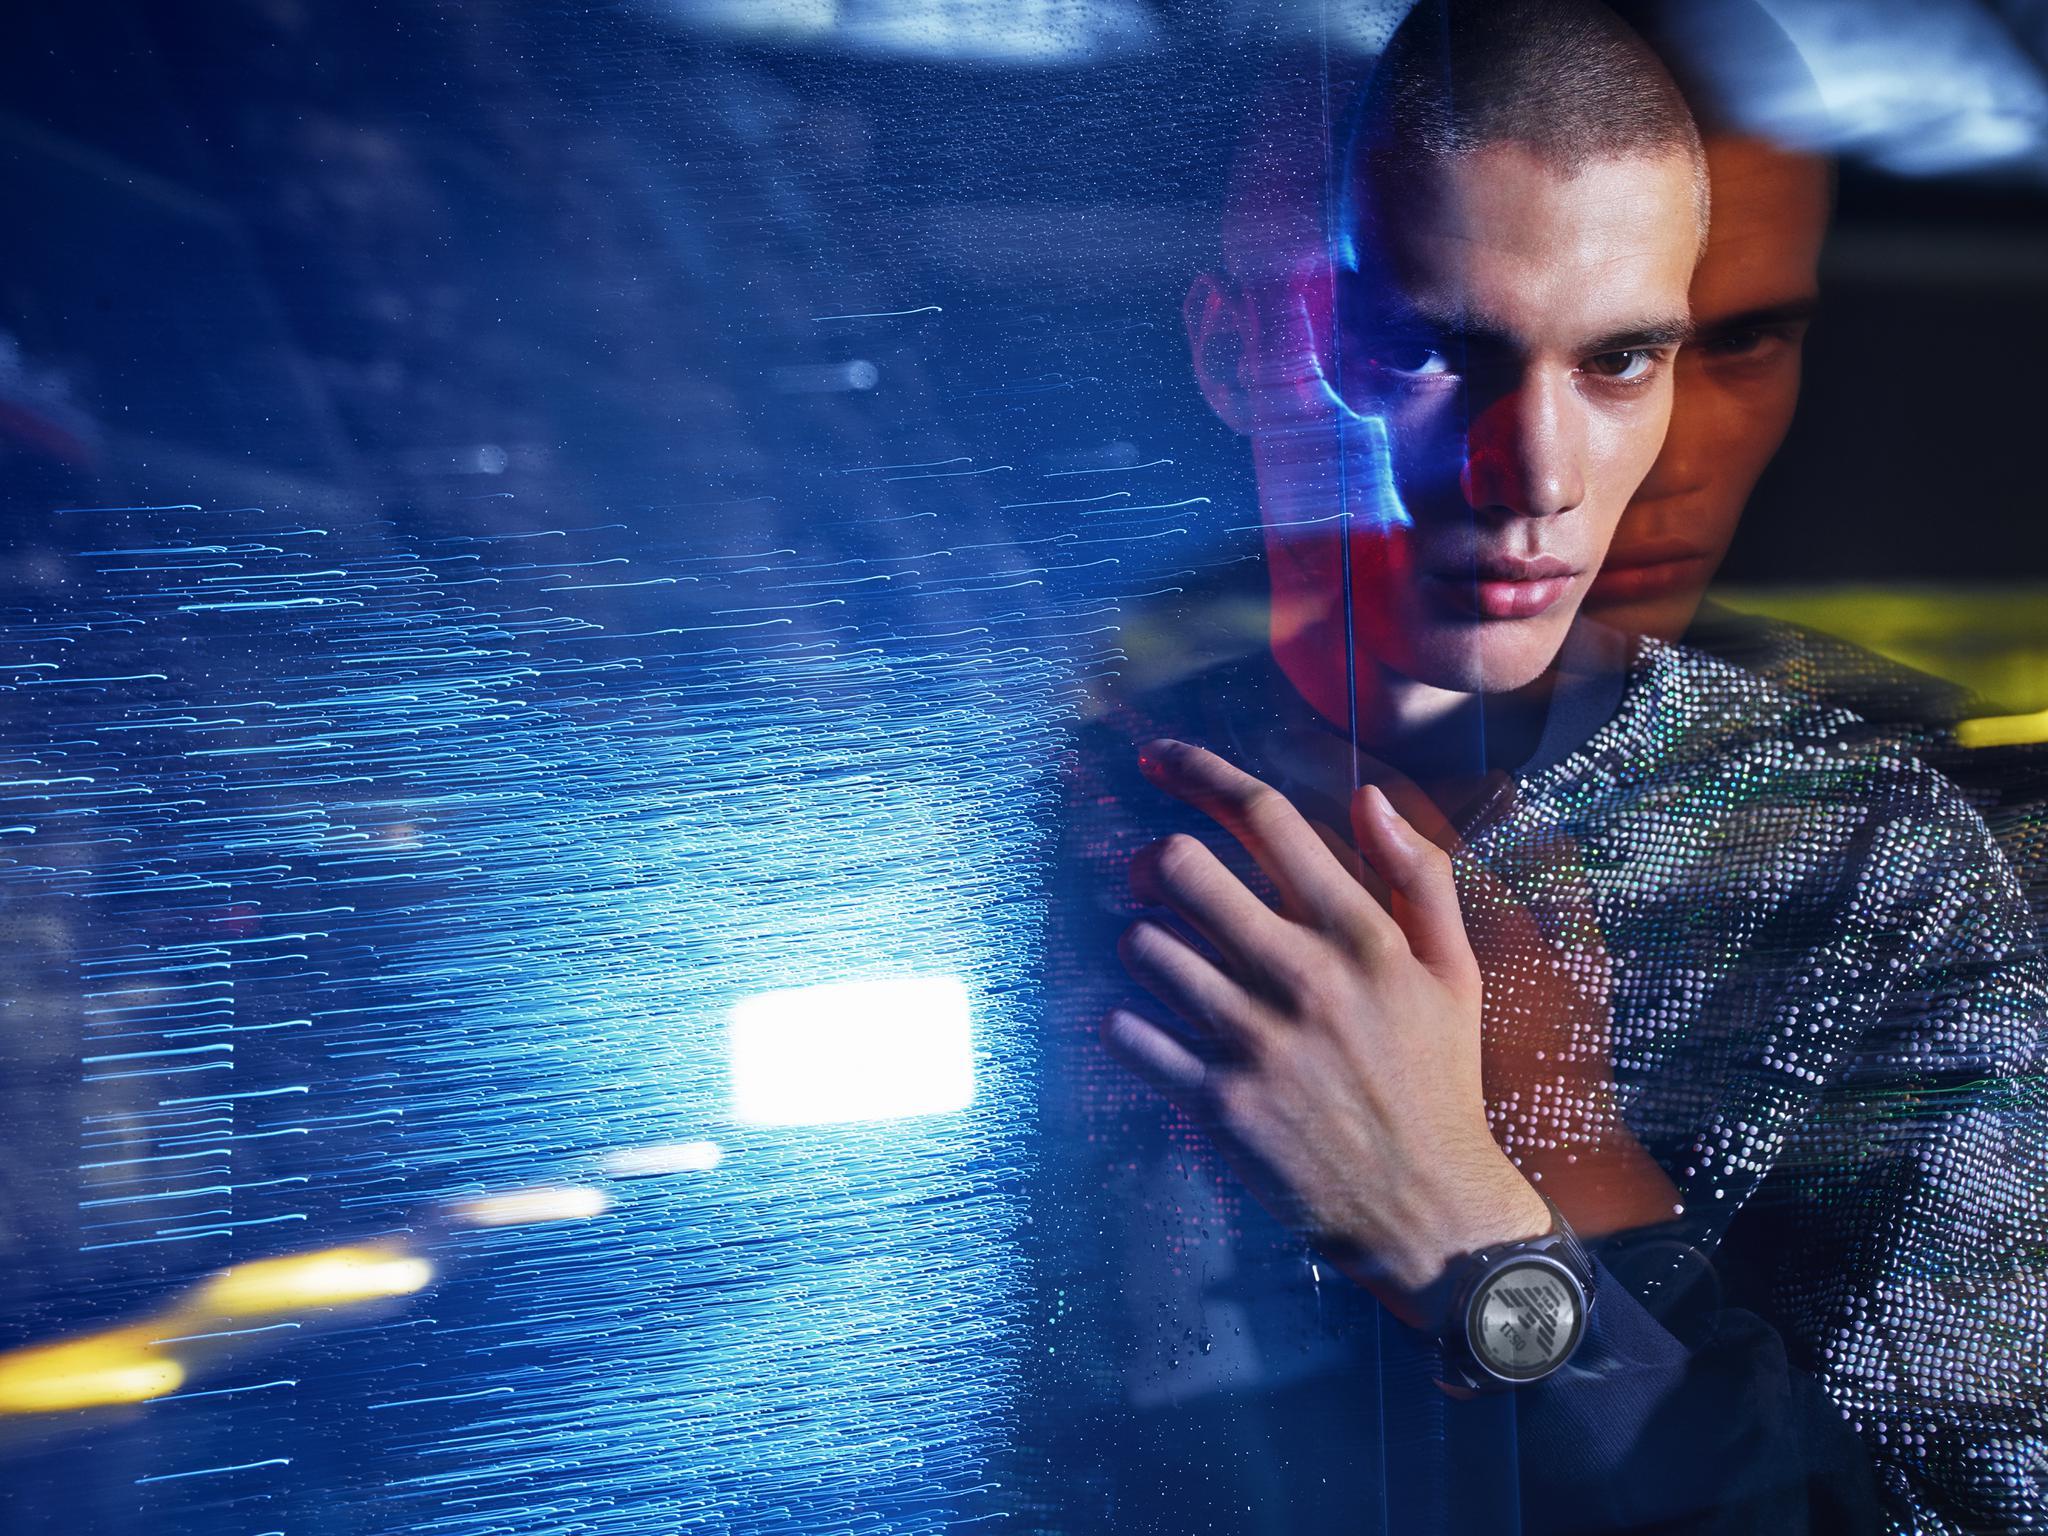 Emporio Armani 发布2020春夏Connected智能腕表系列广告大片